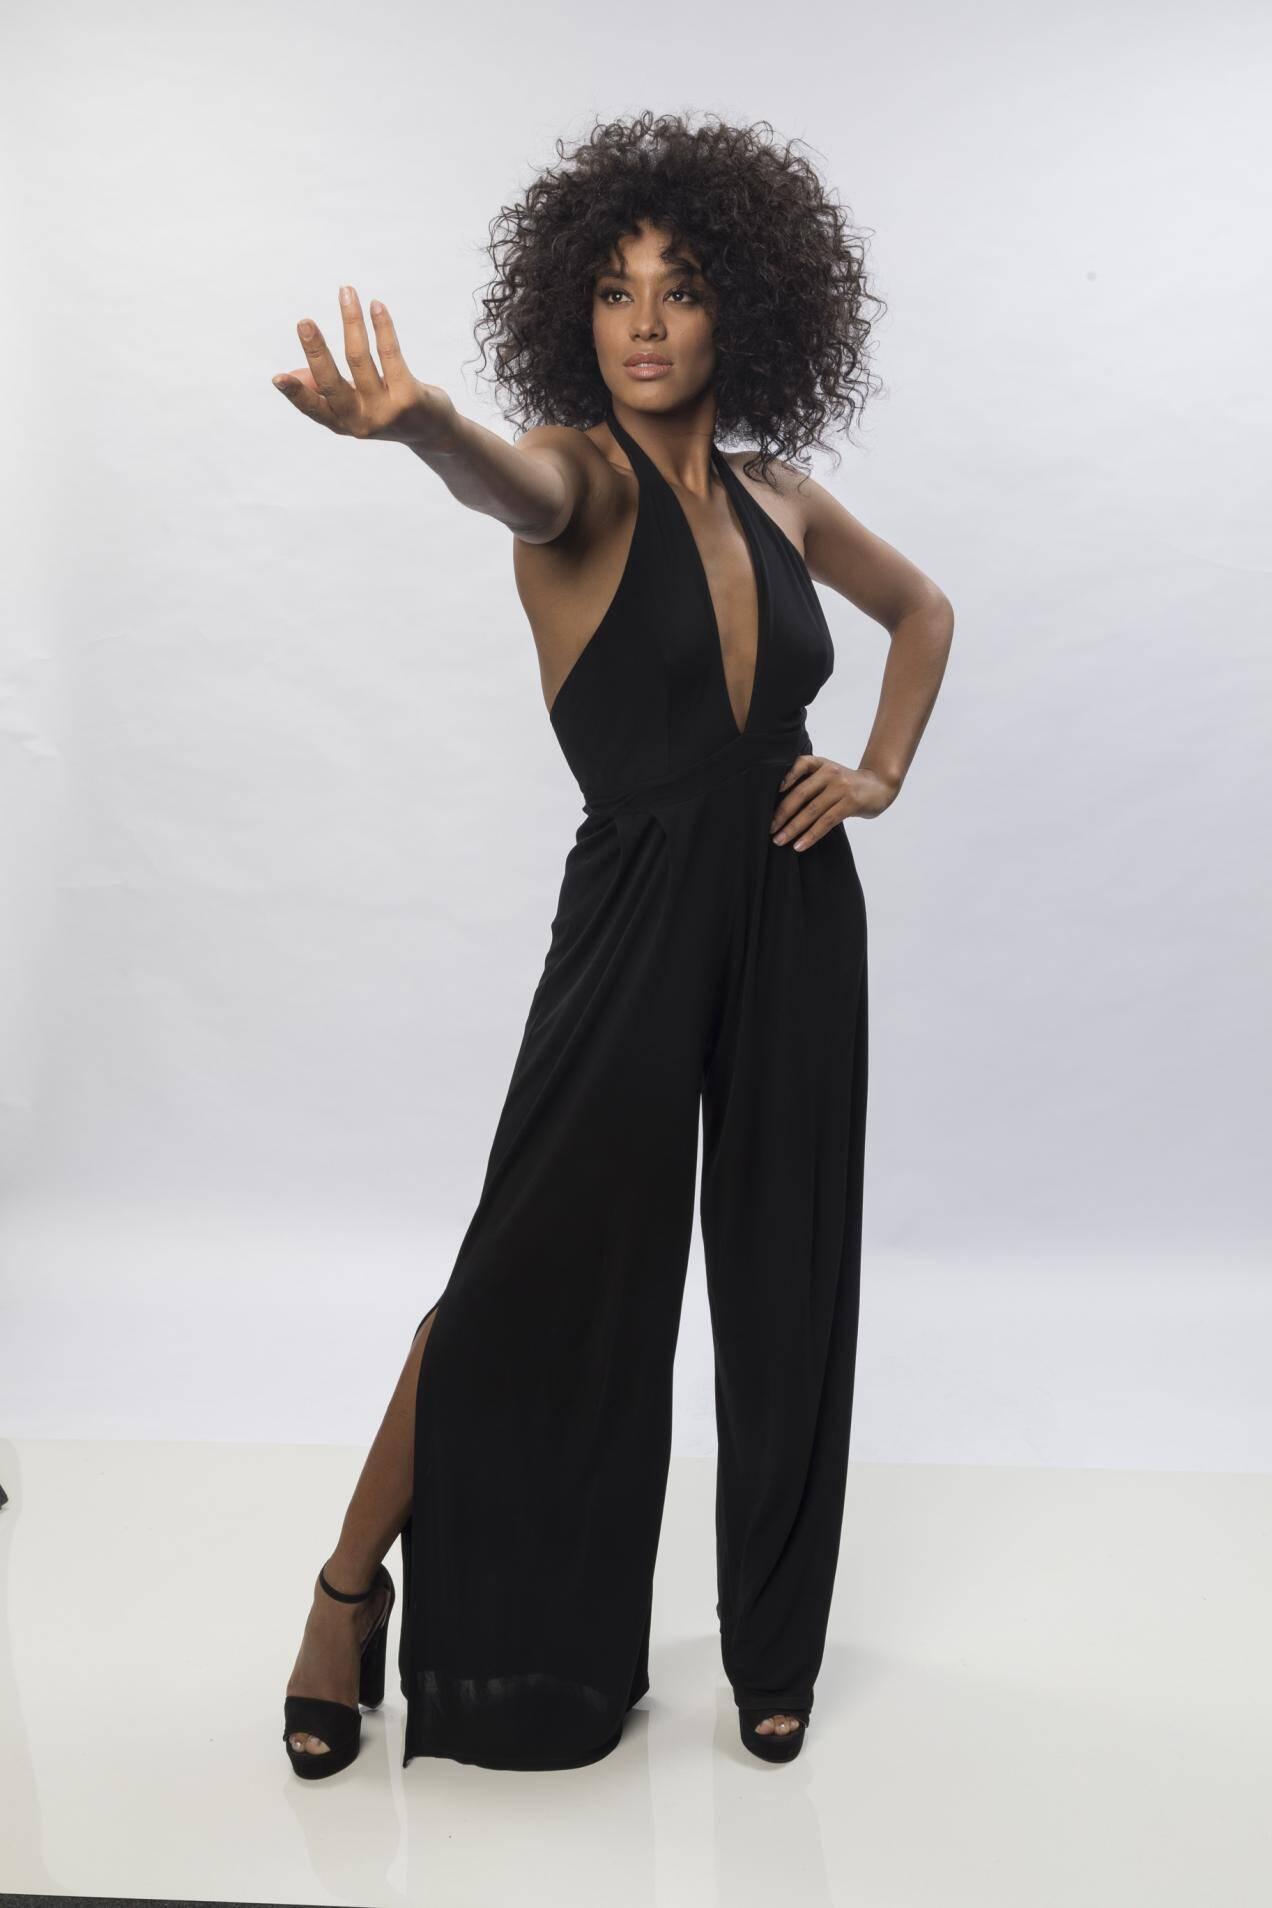 Raissa Santana, modelo e digital influencer, 22 anos. Foto: Divulgação